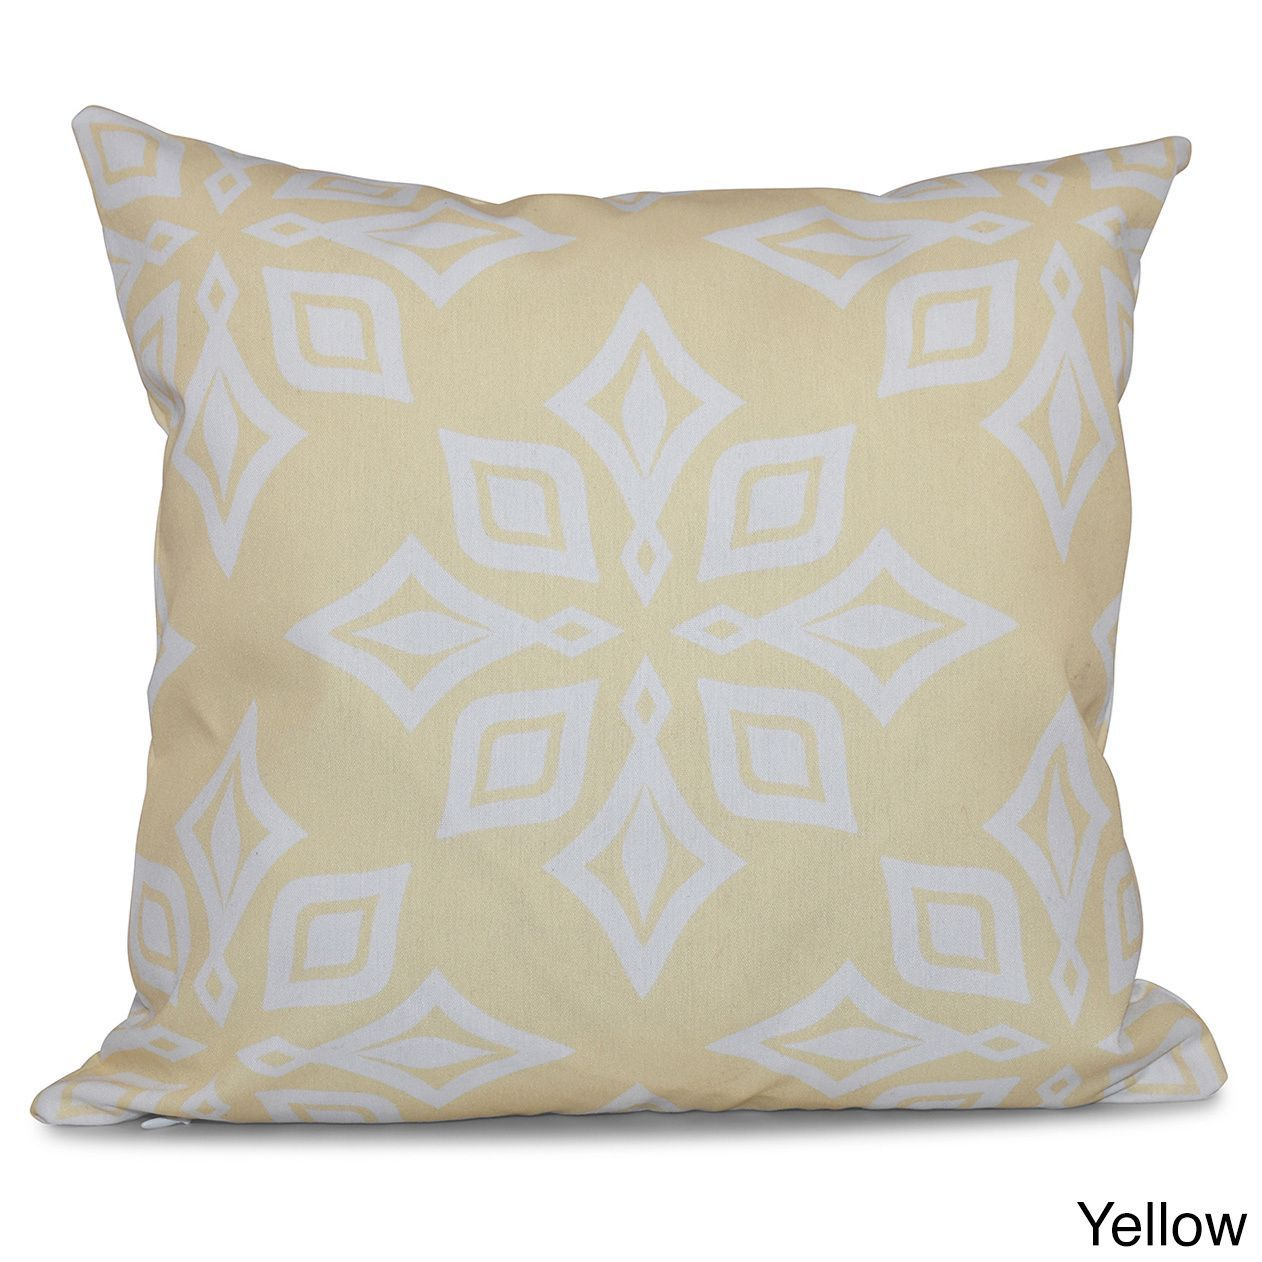 E by design beach star geometric print inch throw pillow